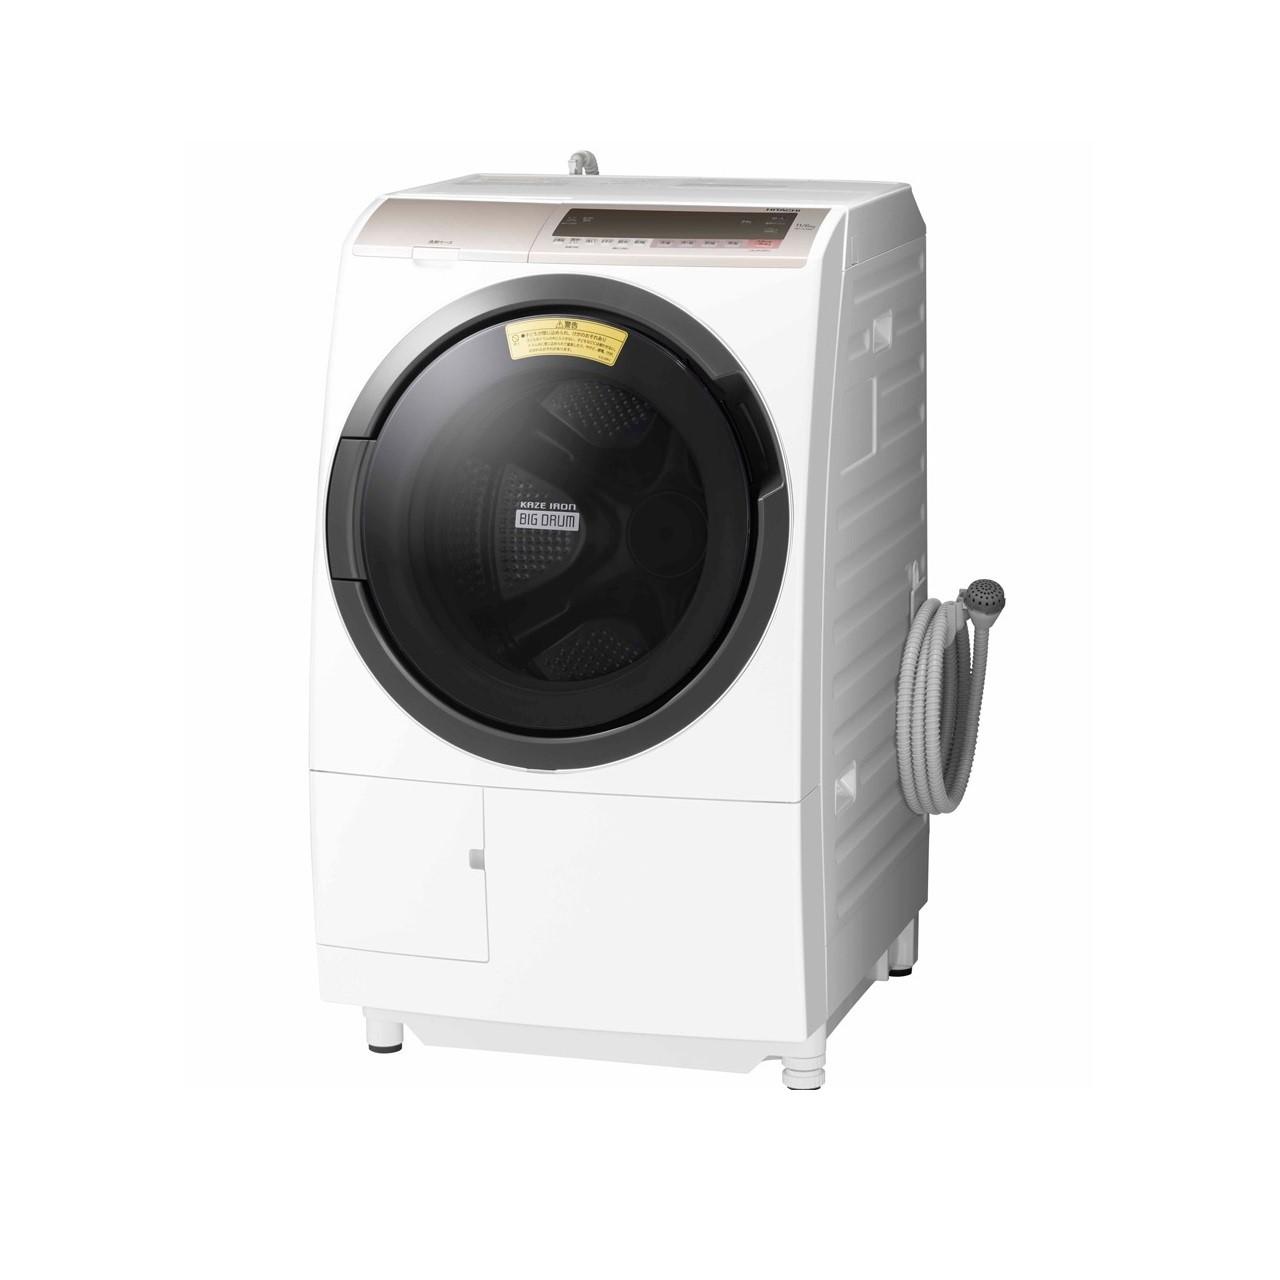 日立 洗濯 機 部品 日立の家電消耗品部品直販「パーツショップ」